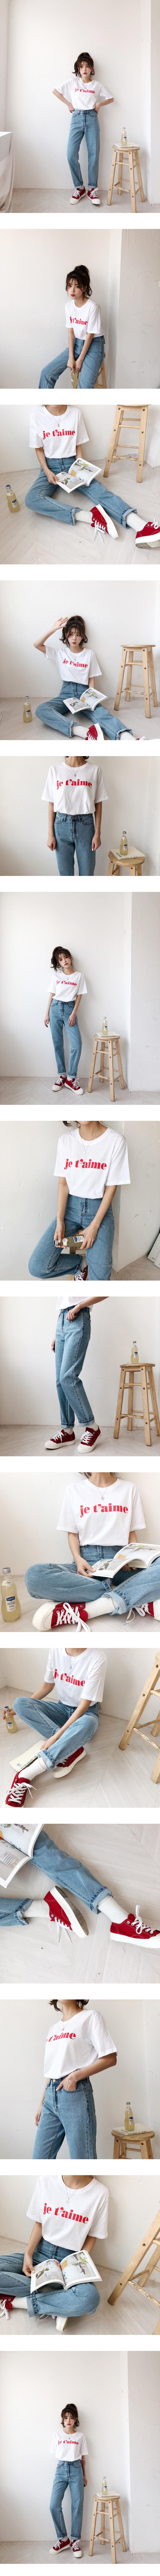 Rubid date denim pants